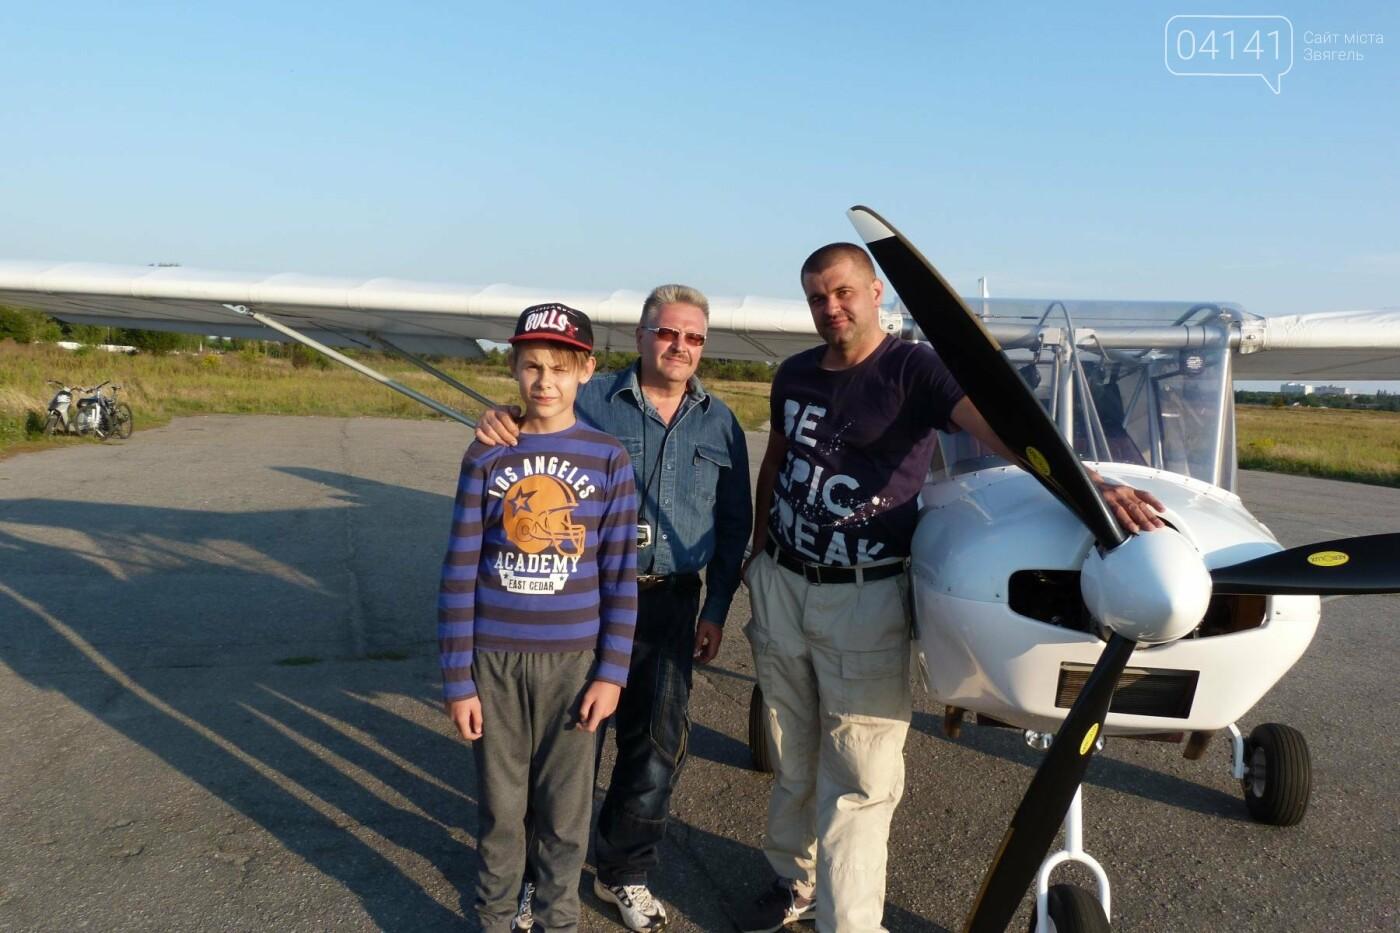 Закохані в небо: Новоградські авіамоделісти стурбовані щодо свого майбутнього, фото-8